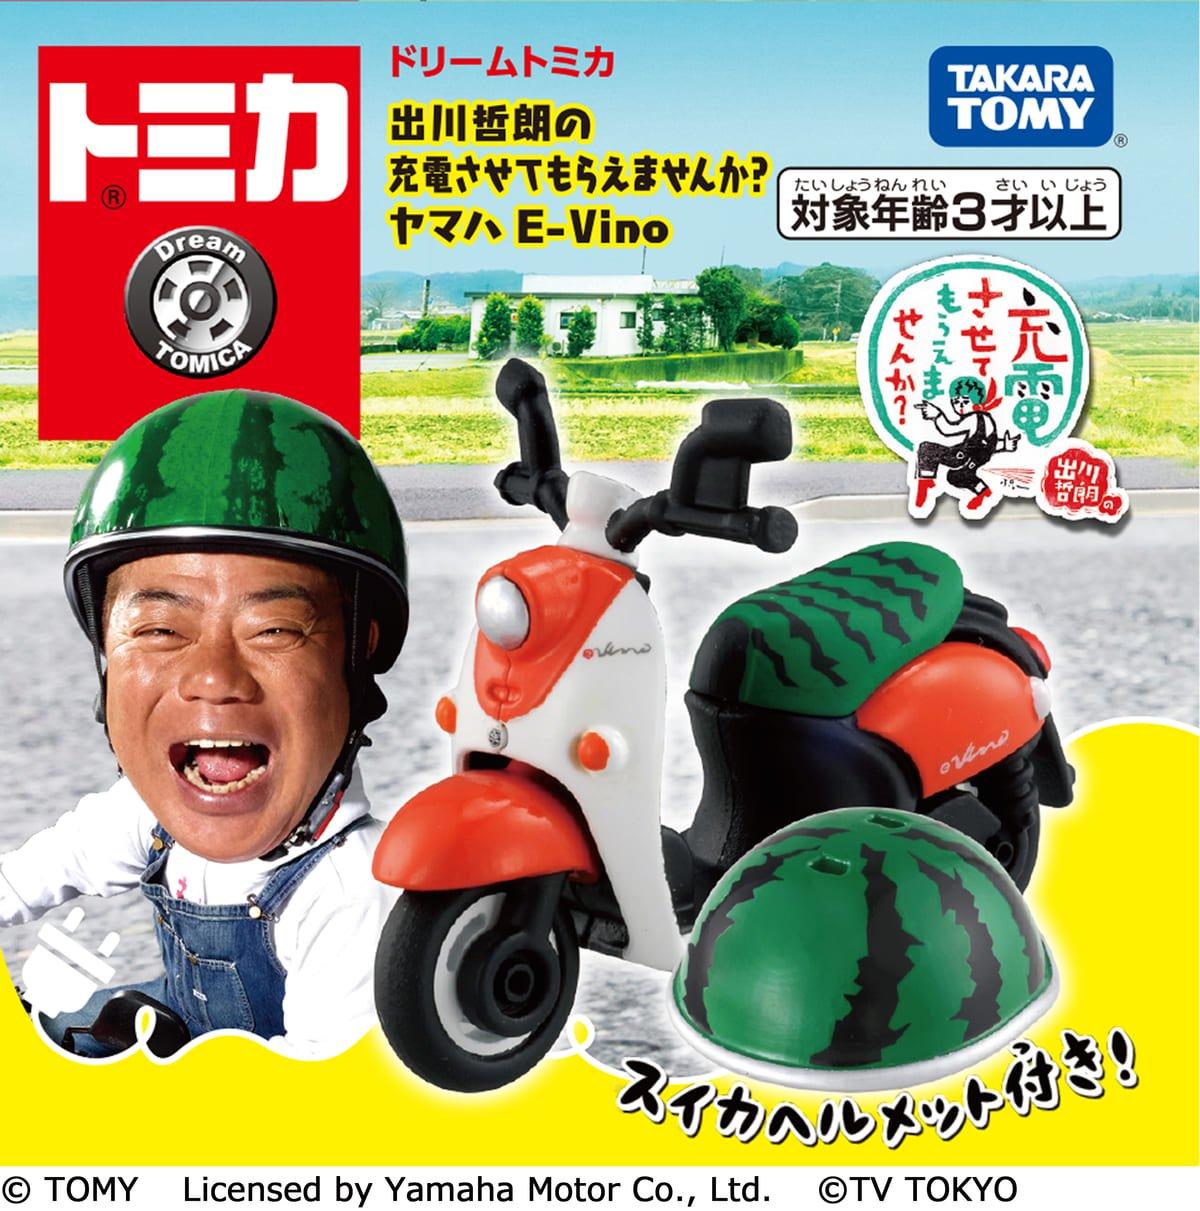 タカラトミー「ドリームトミカ 出川哲朗の充電させてもらえませんか? ヤマハ E-Vino」